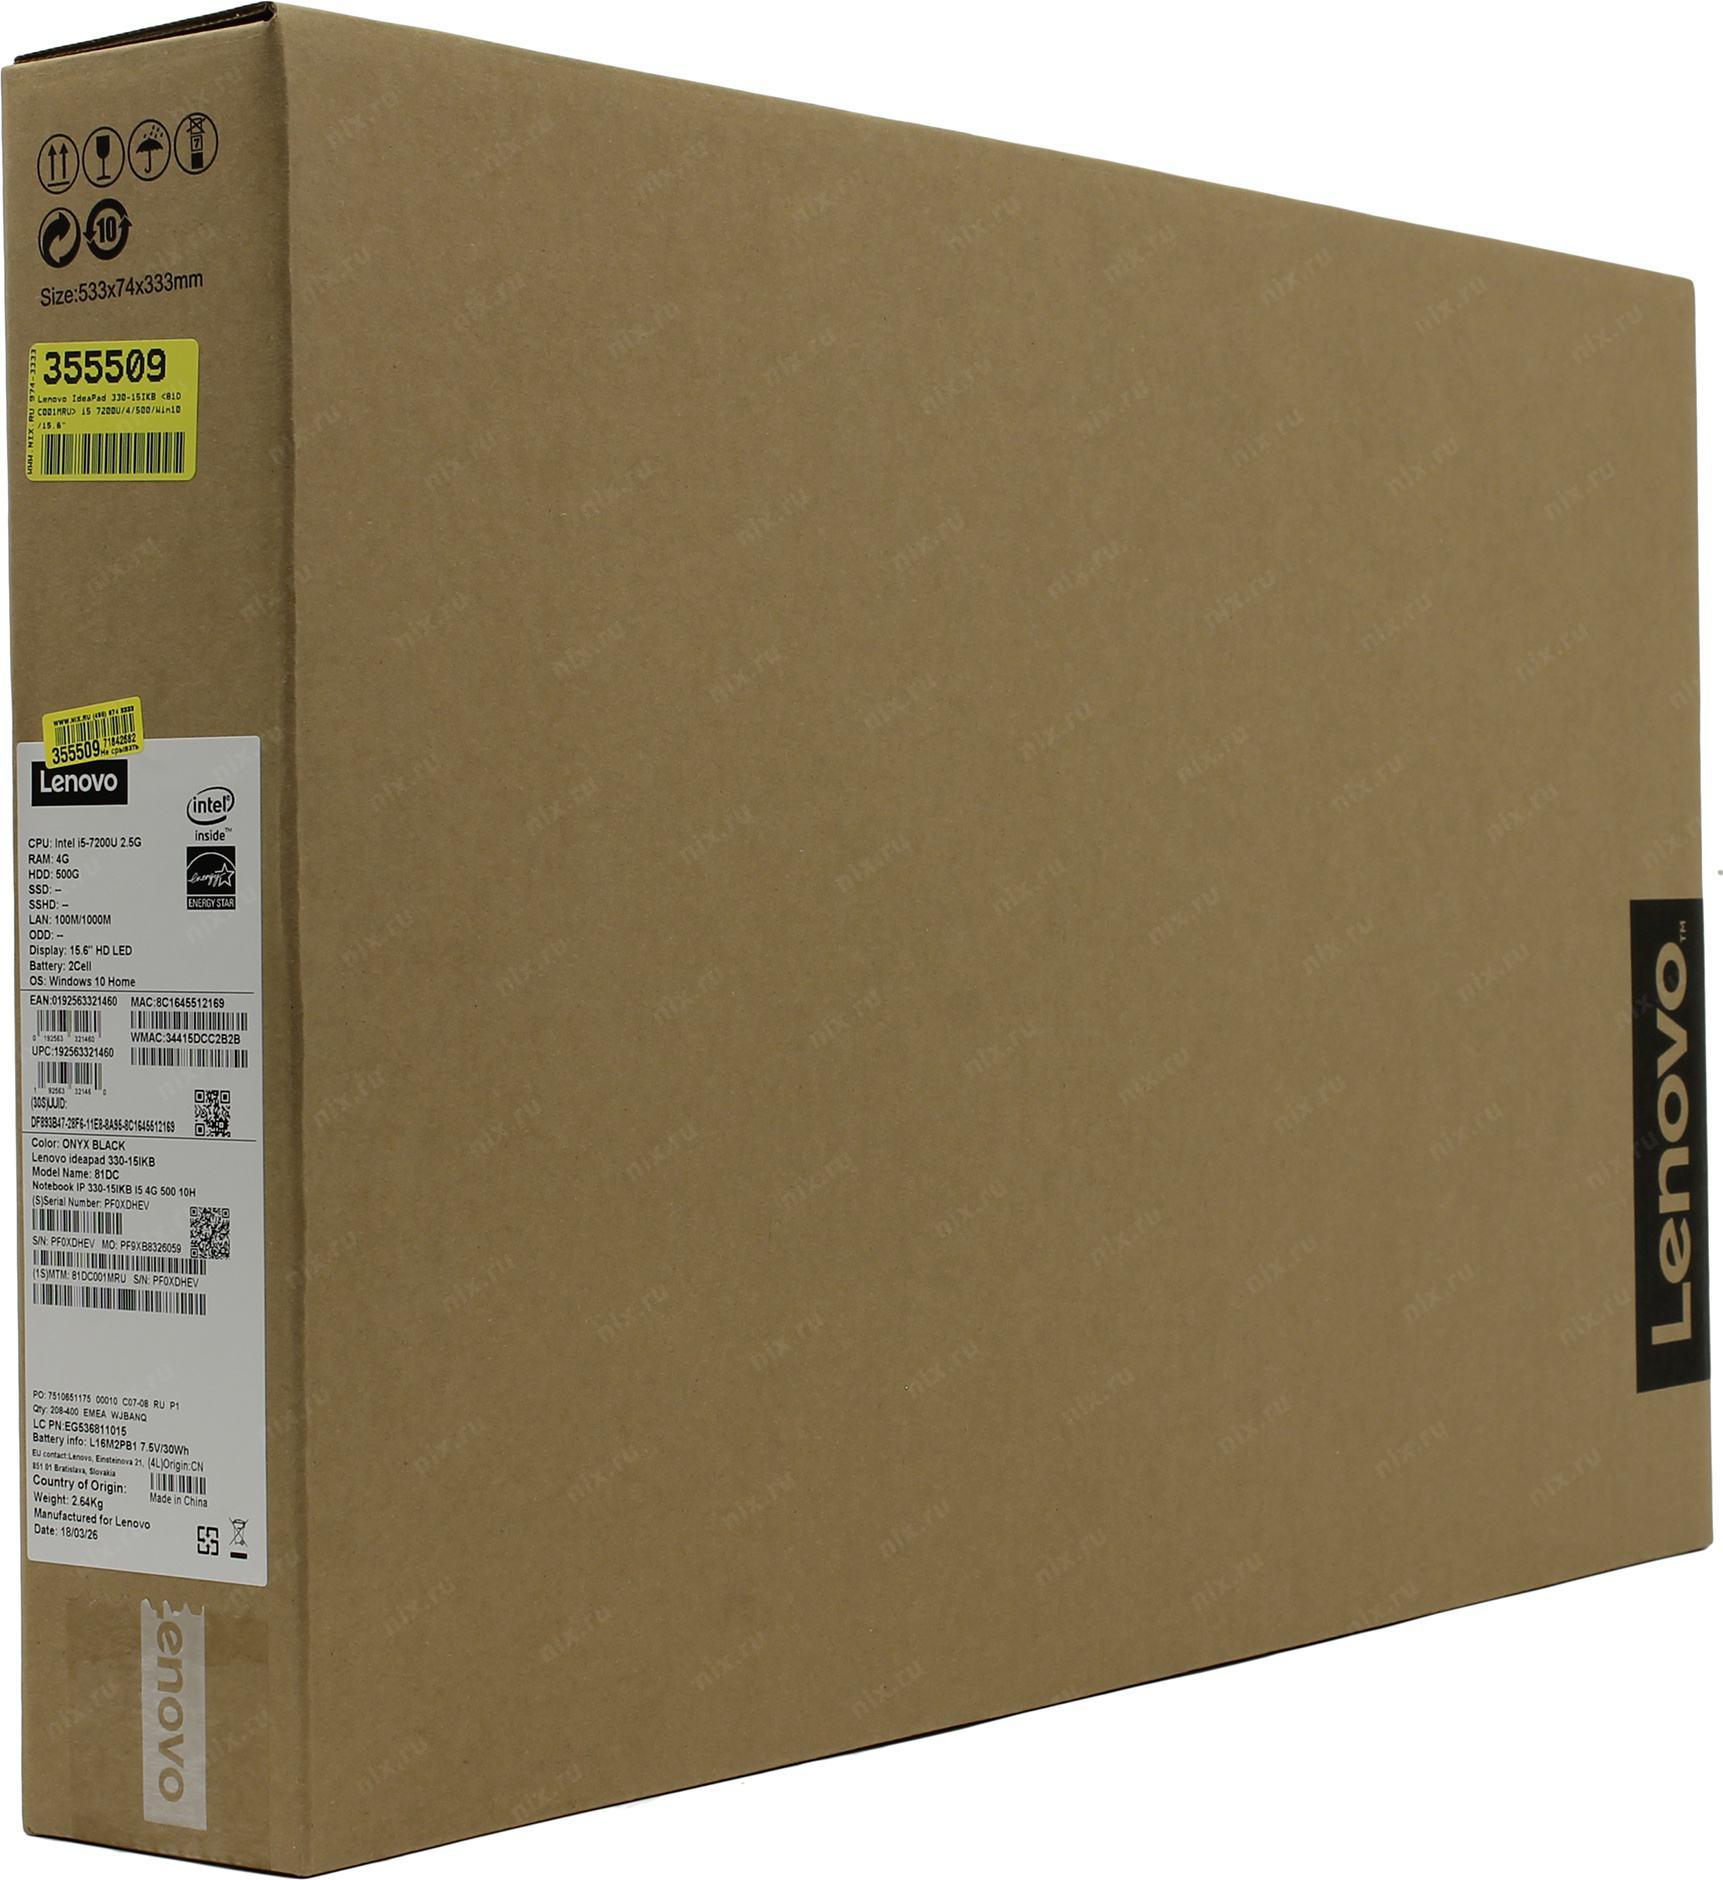 IdeaPad 330 Series 330-15IKB